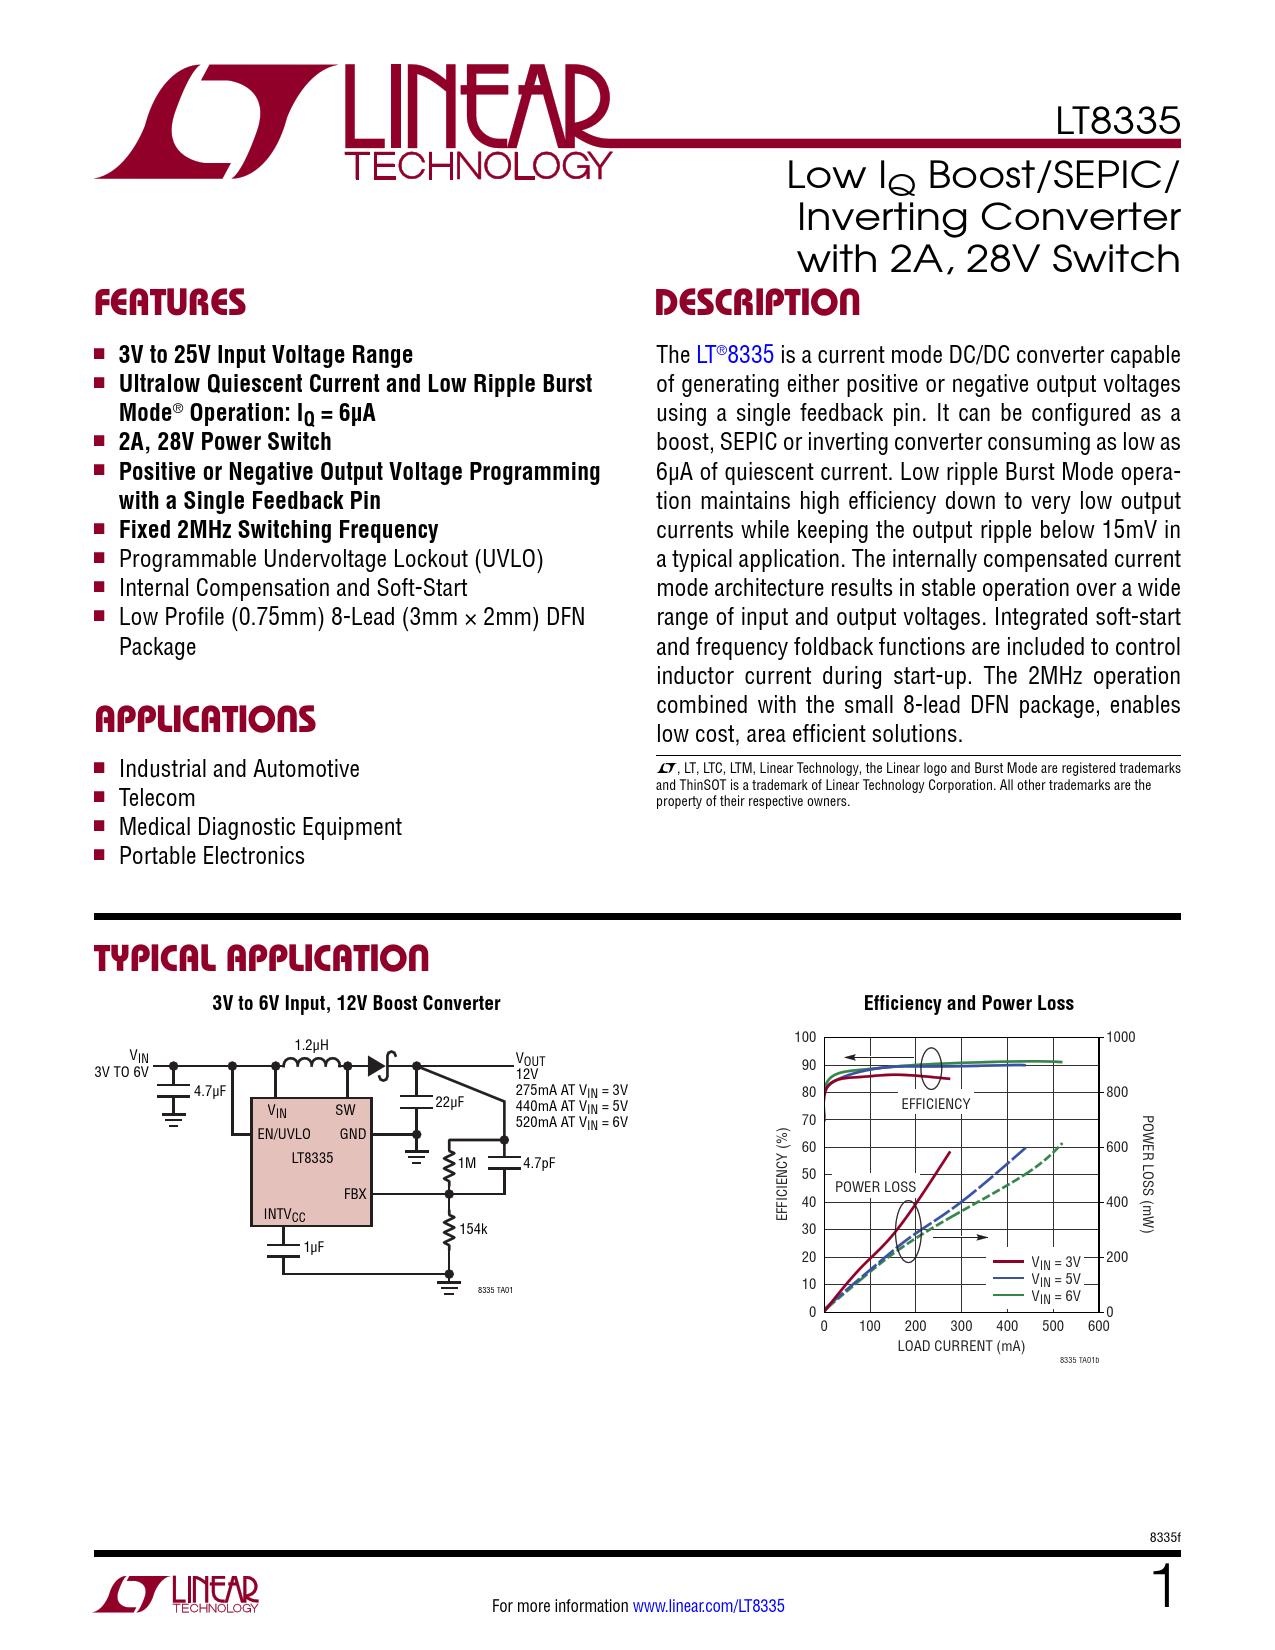 Datasheet LT8335 Analog Devices